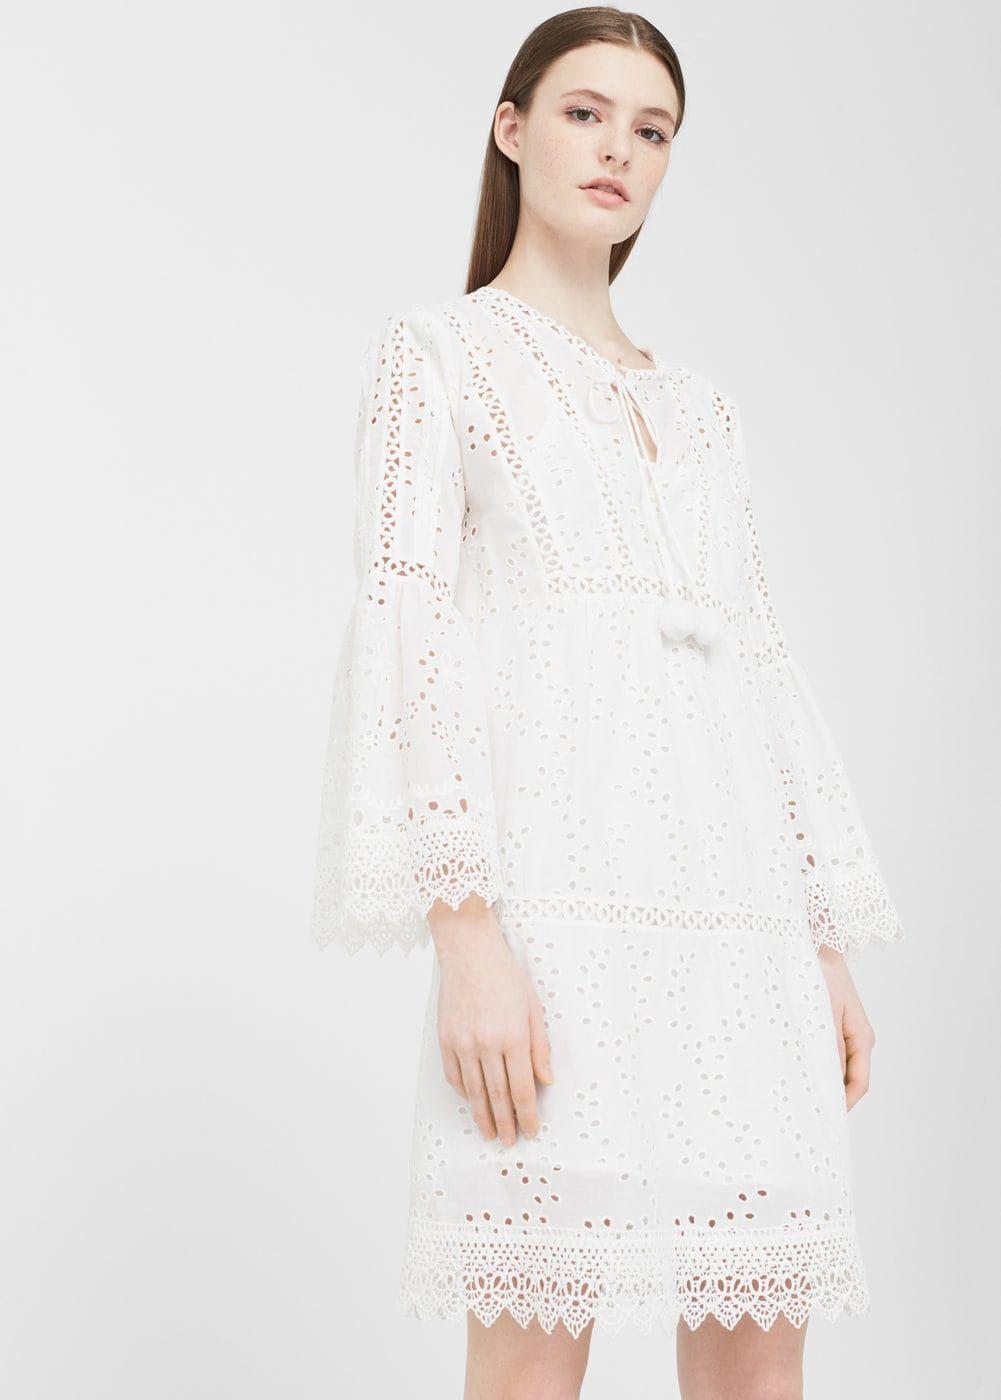 Vestido calado algodón - Vestidos de Mujer  739145506acb